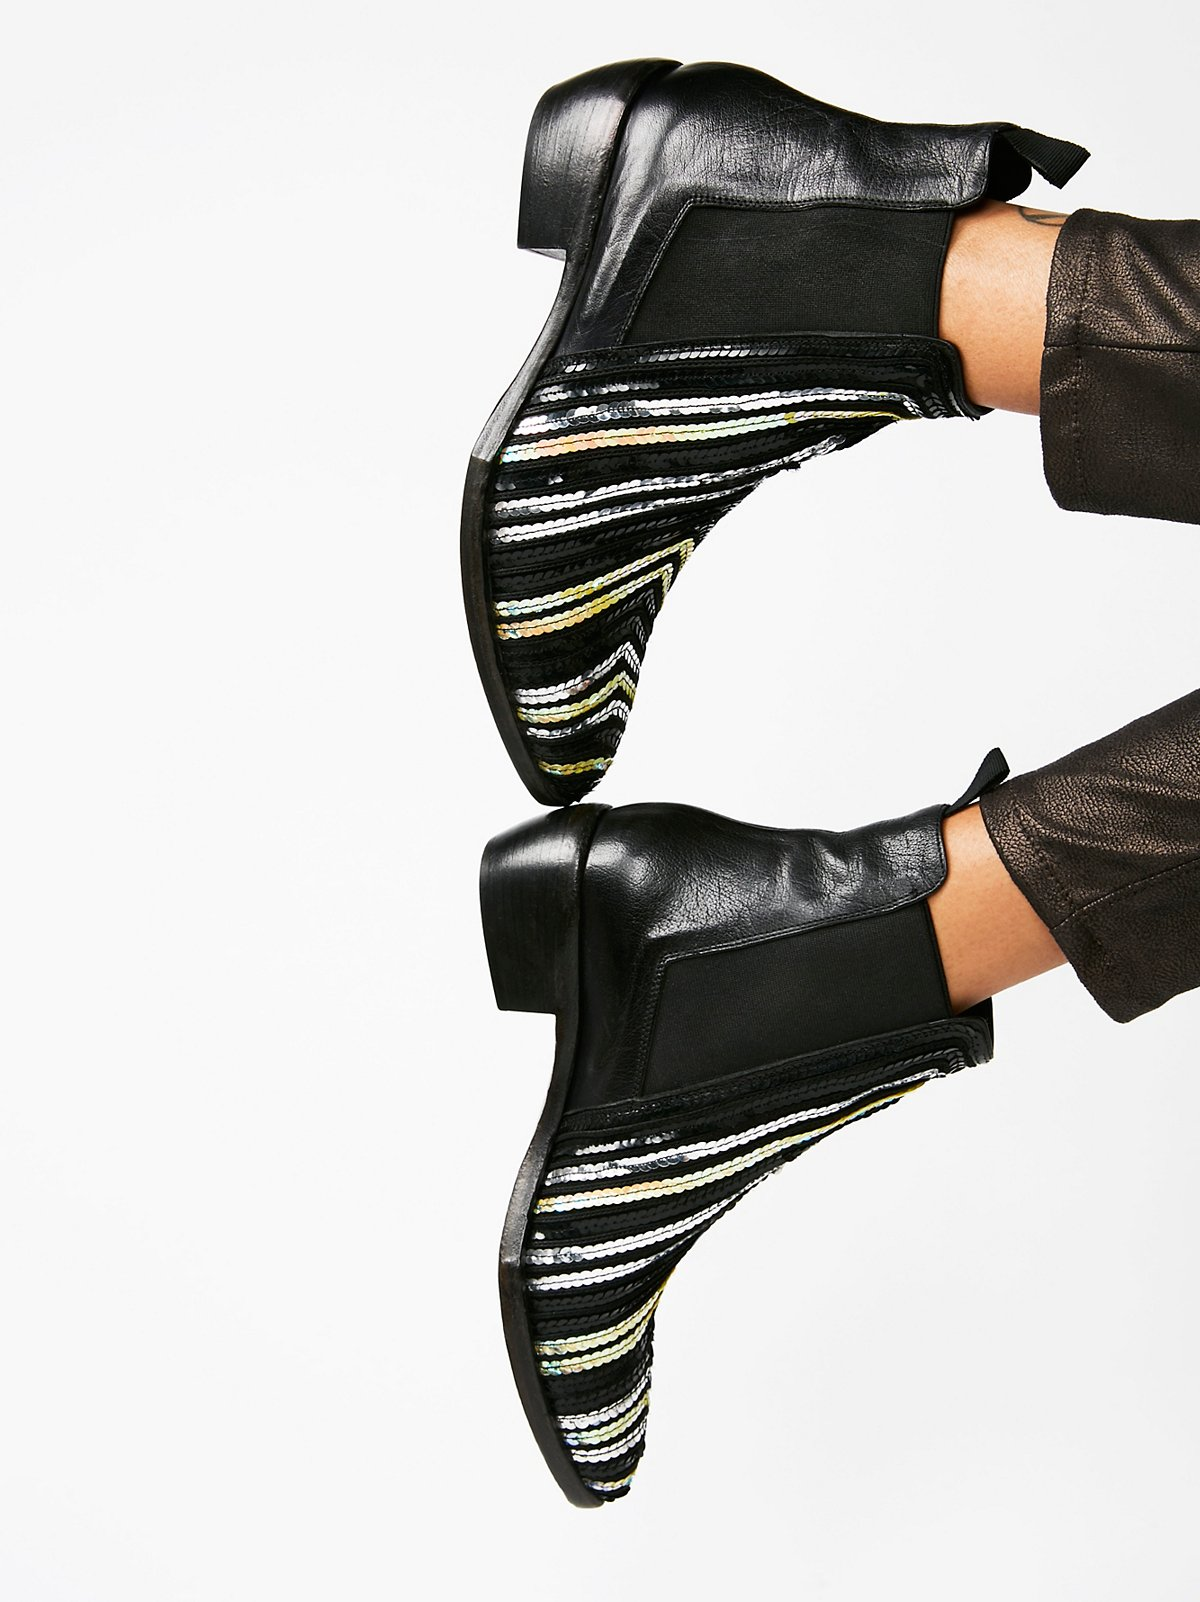 Major缀饰靴子